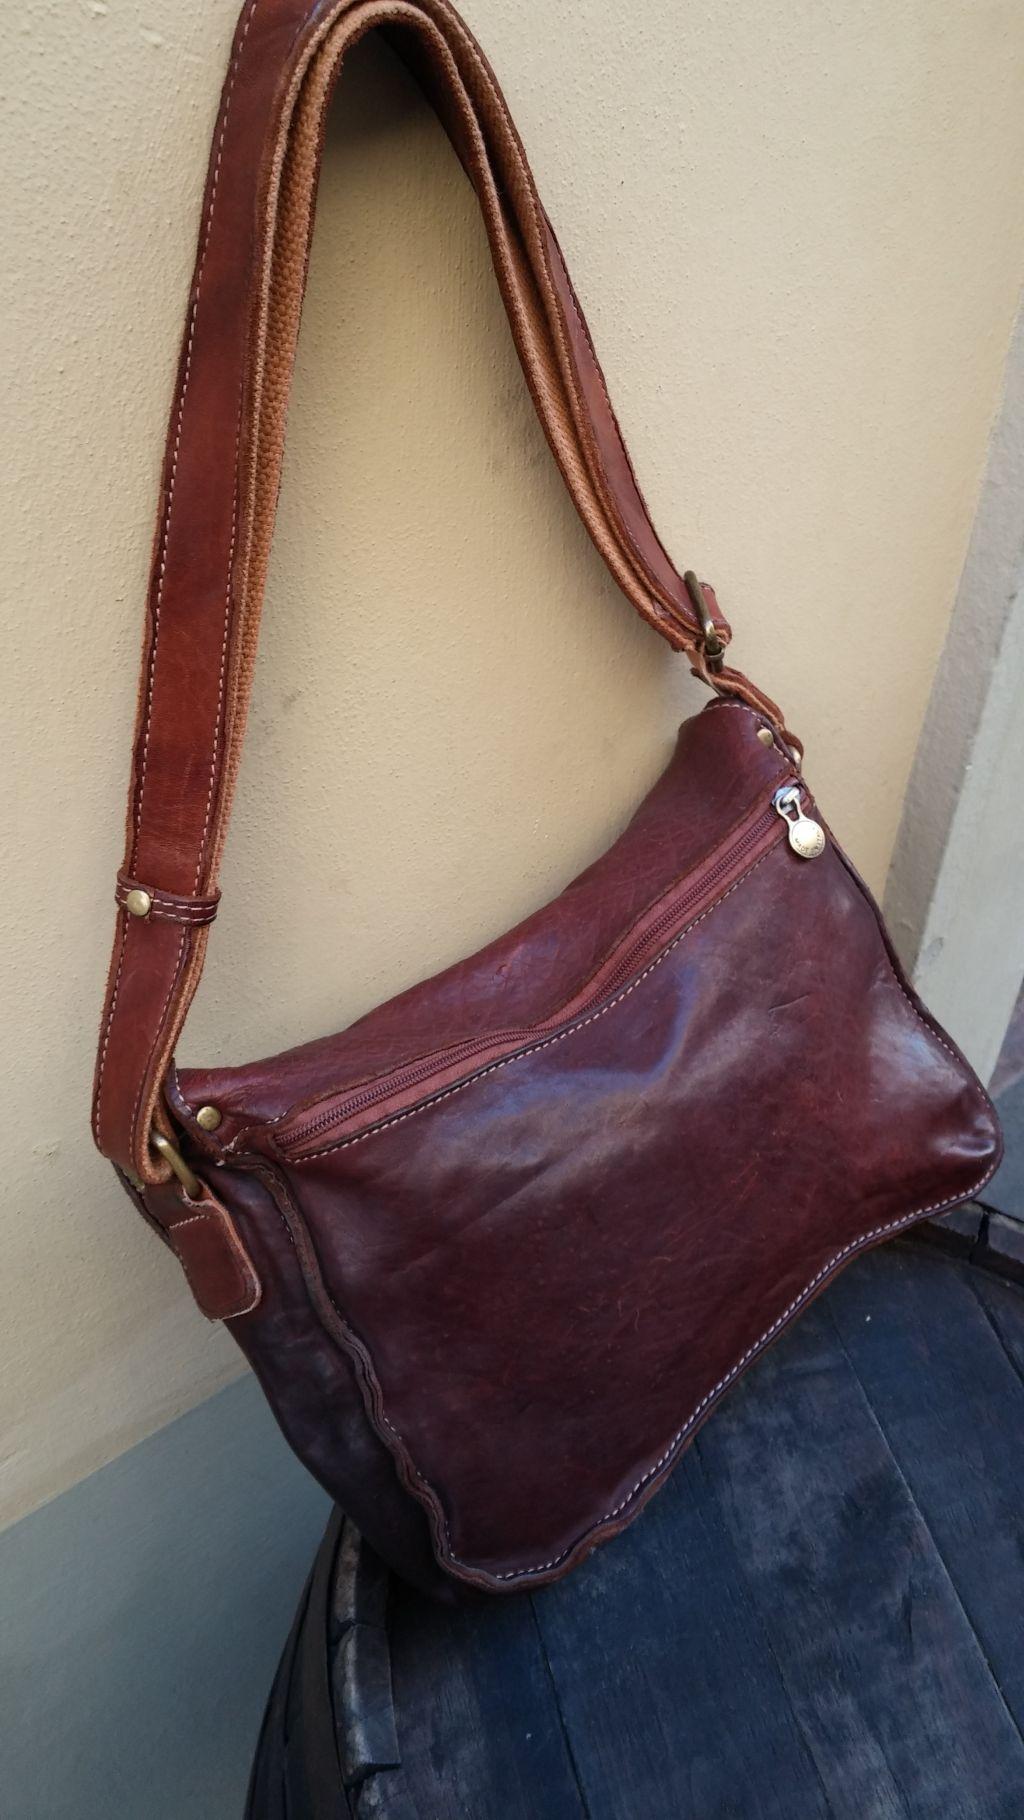 FL4013-messenger-bag-in-vacchetta-lavata-2